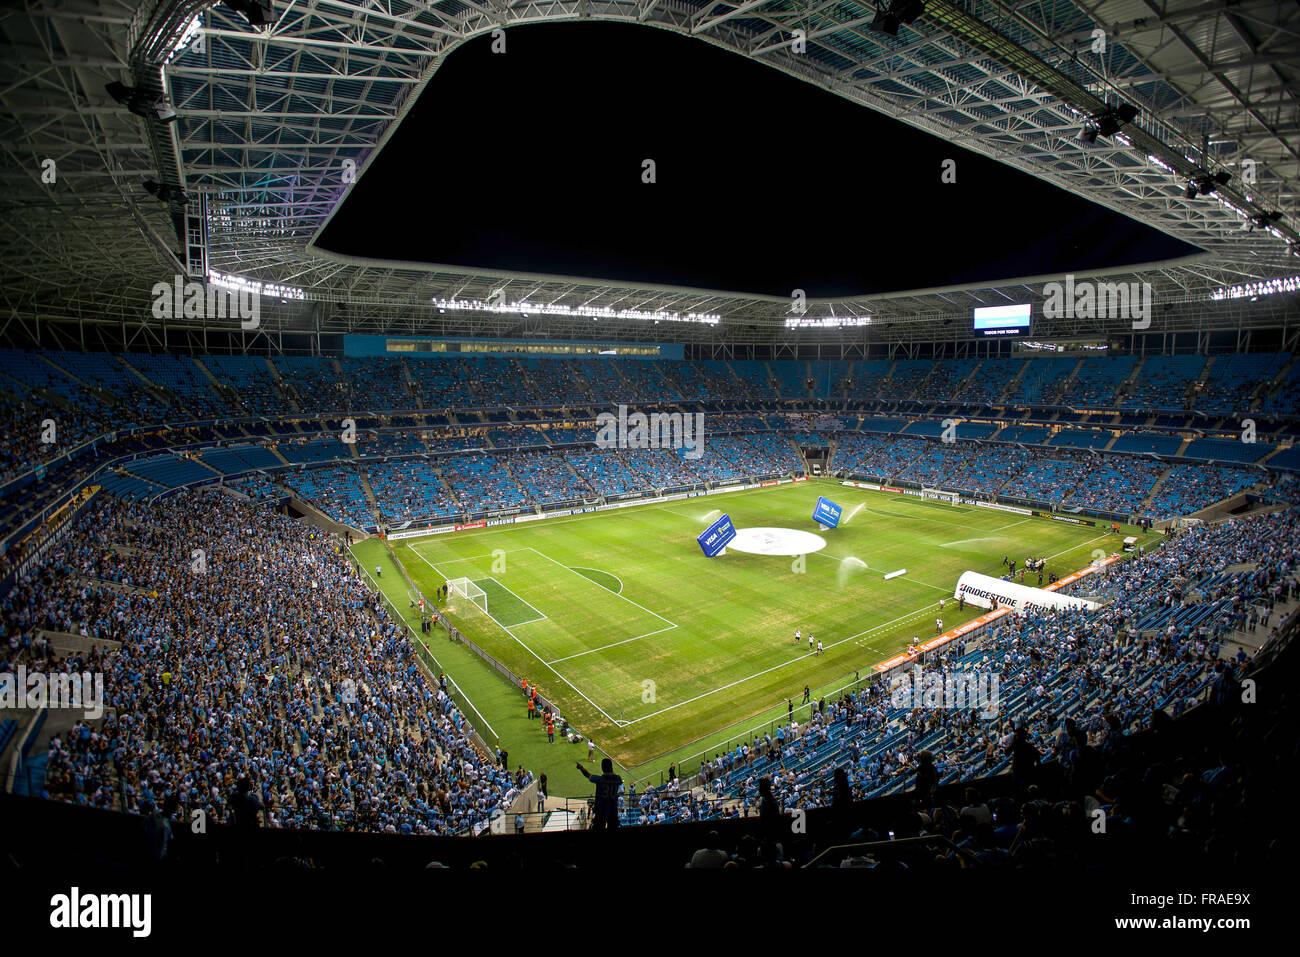 Football game at the stadium multipurpose arena complex Gremio - Stock Image